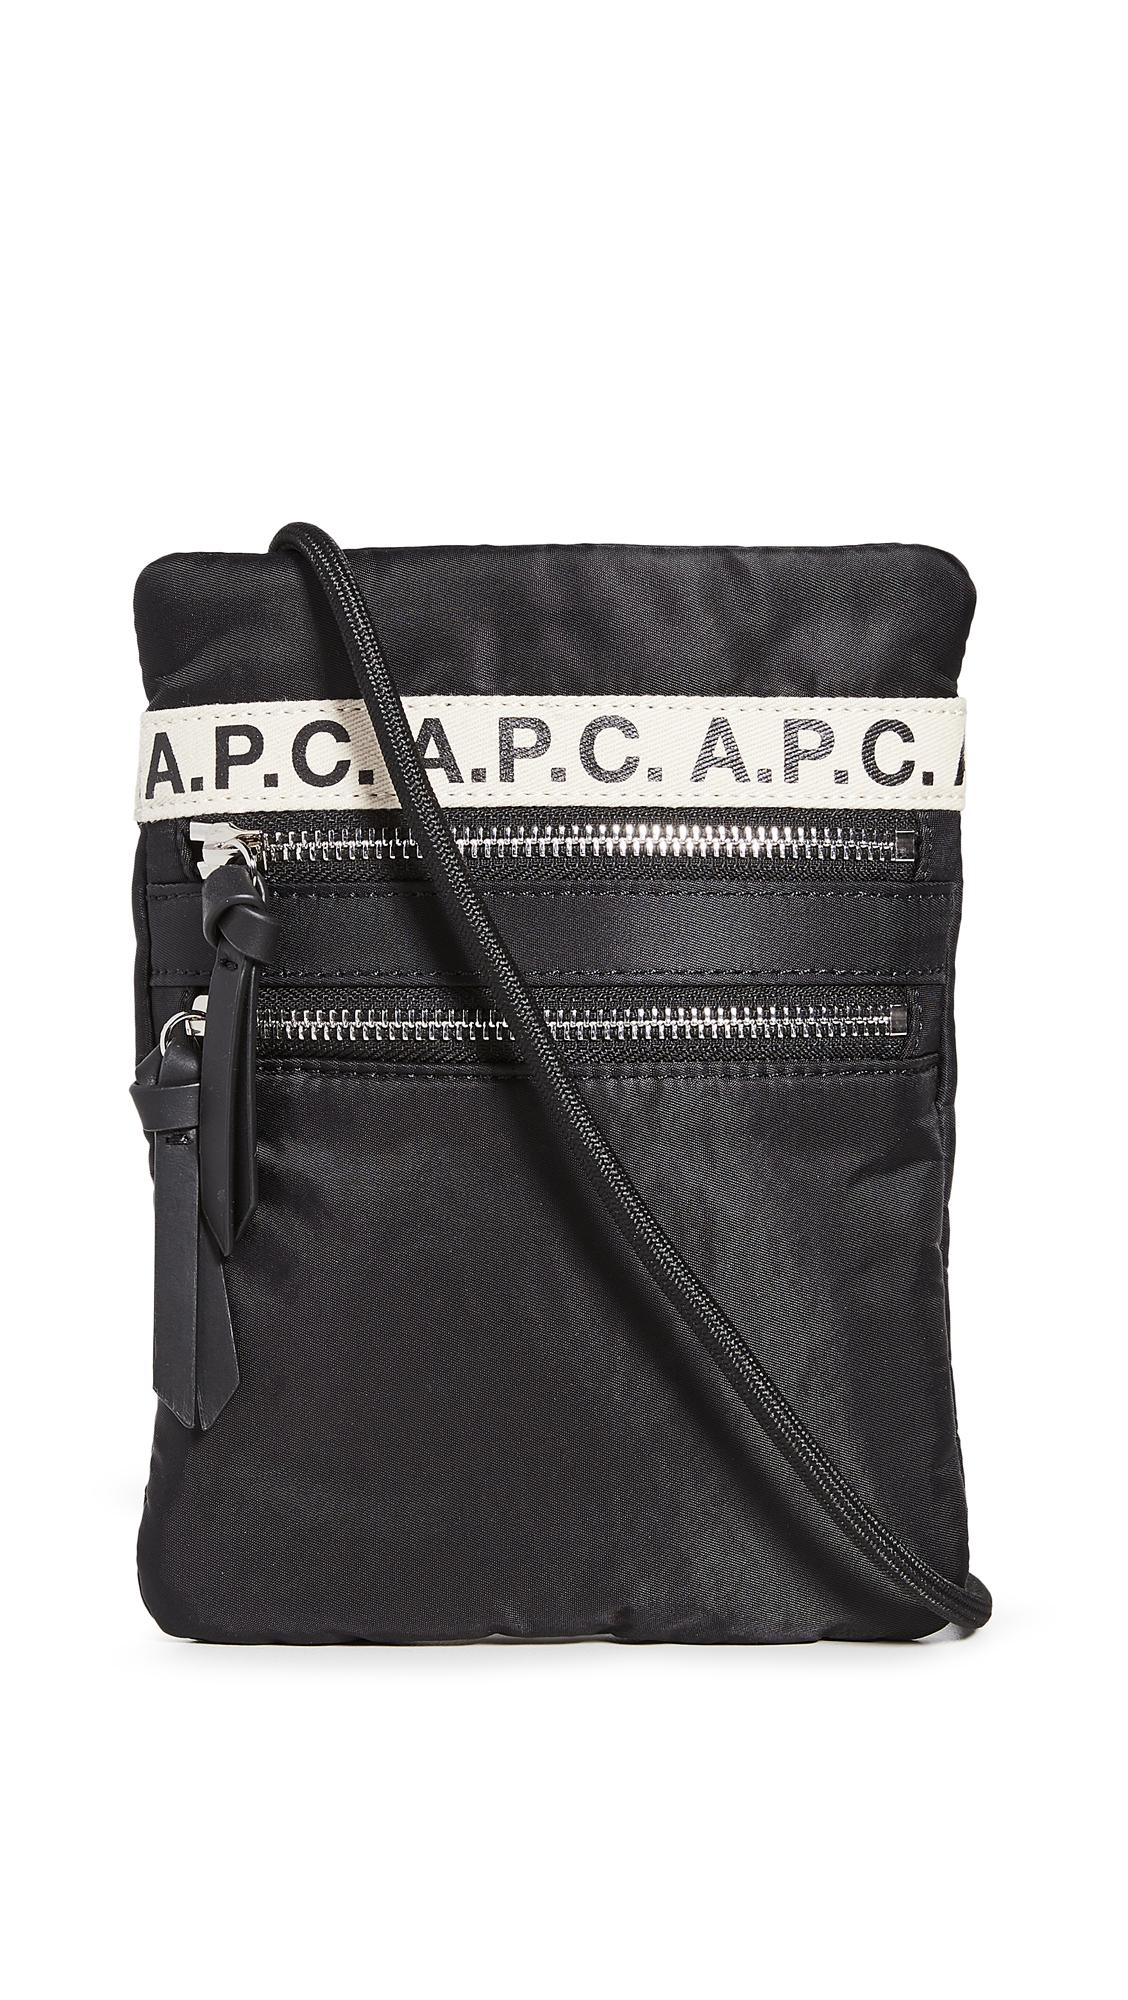 A.P.C. Neck Pouch